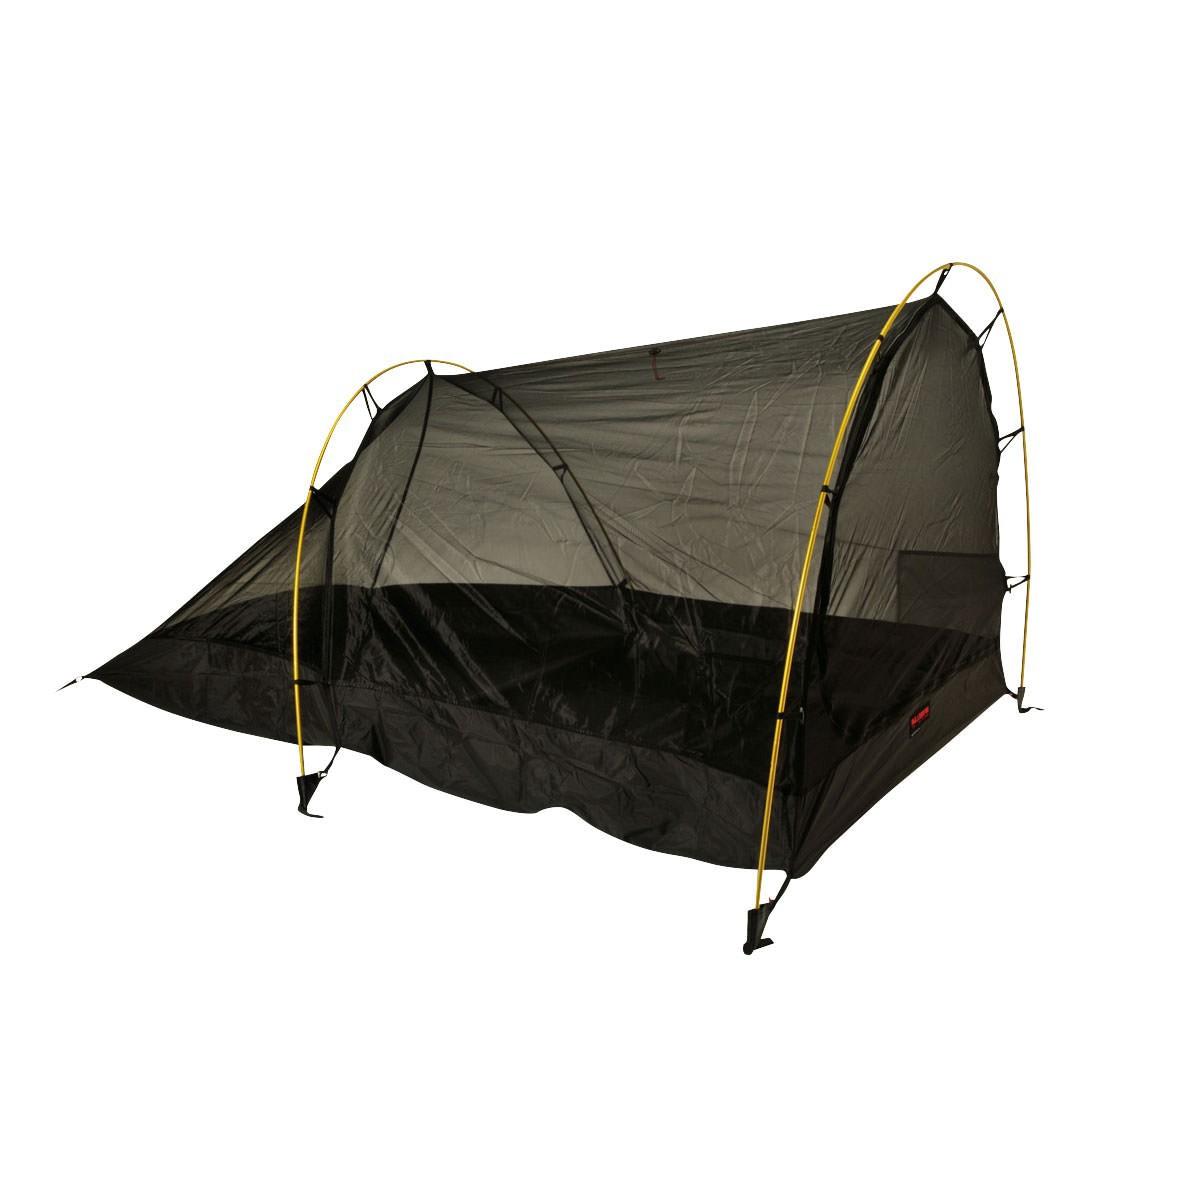 ヒルバーグ ナロ 4 / 4 GT 専用 メッシュ インナー テント Hilleberg Nallo 4/4GT Mesh Inner Tent